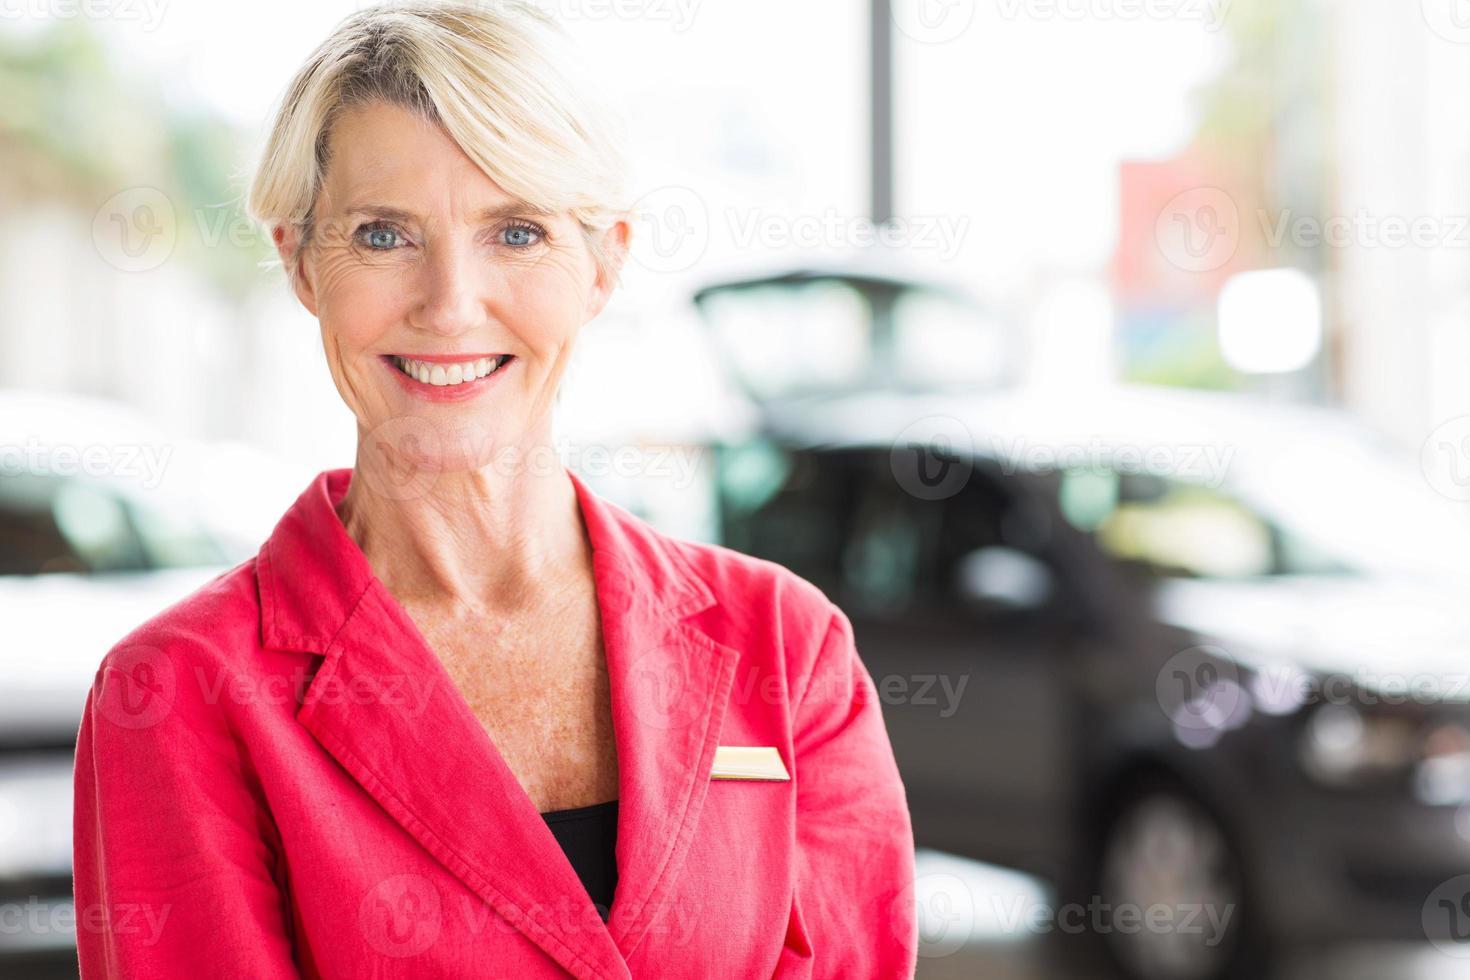 donna senior che lavora al concessionario auto foto